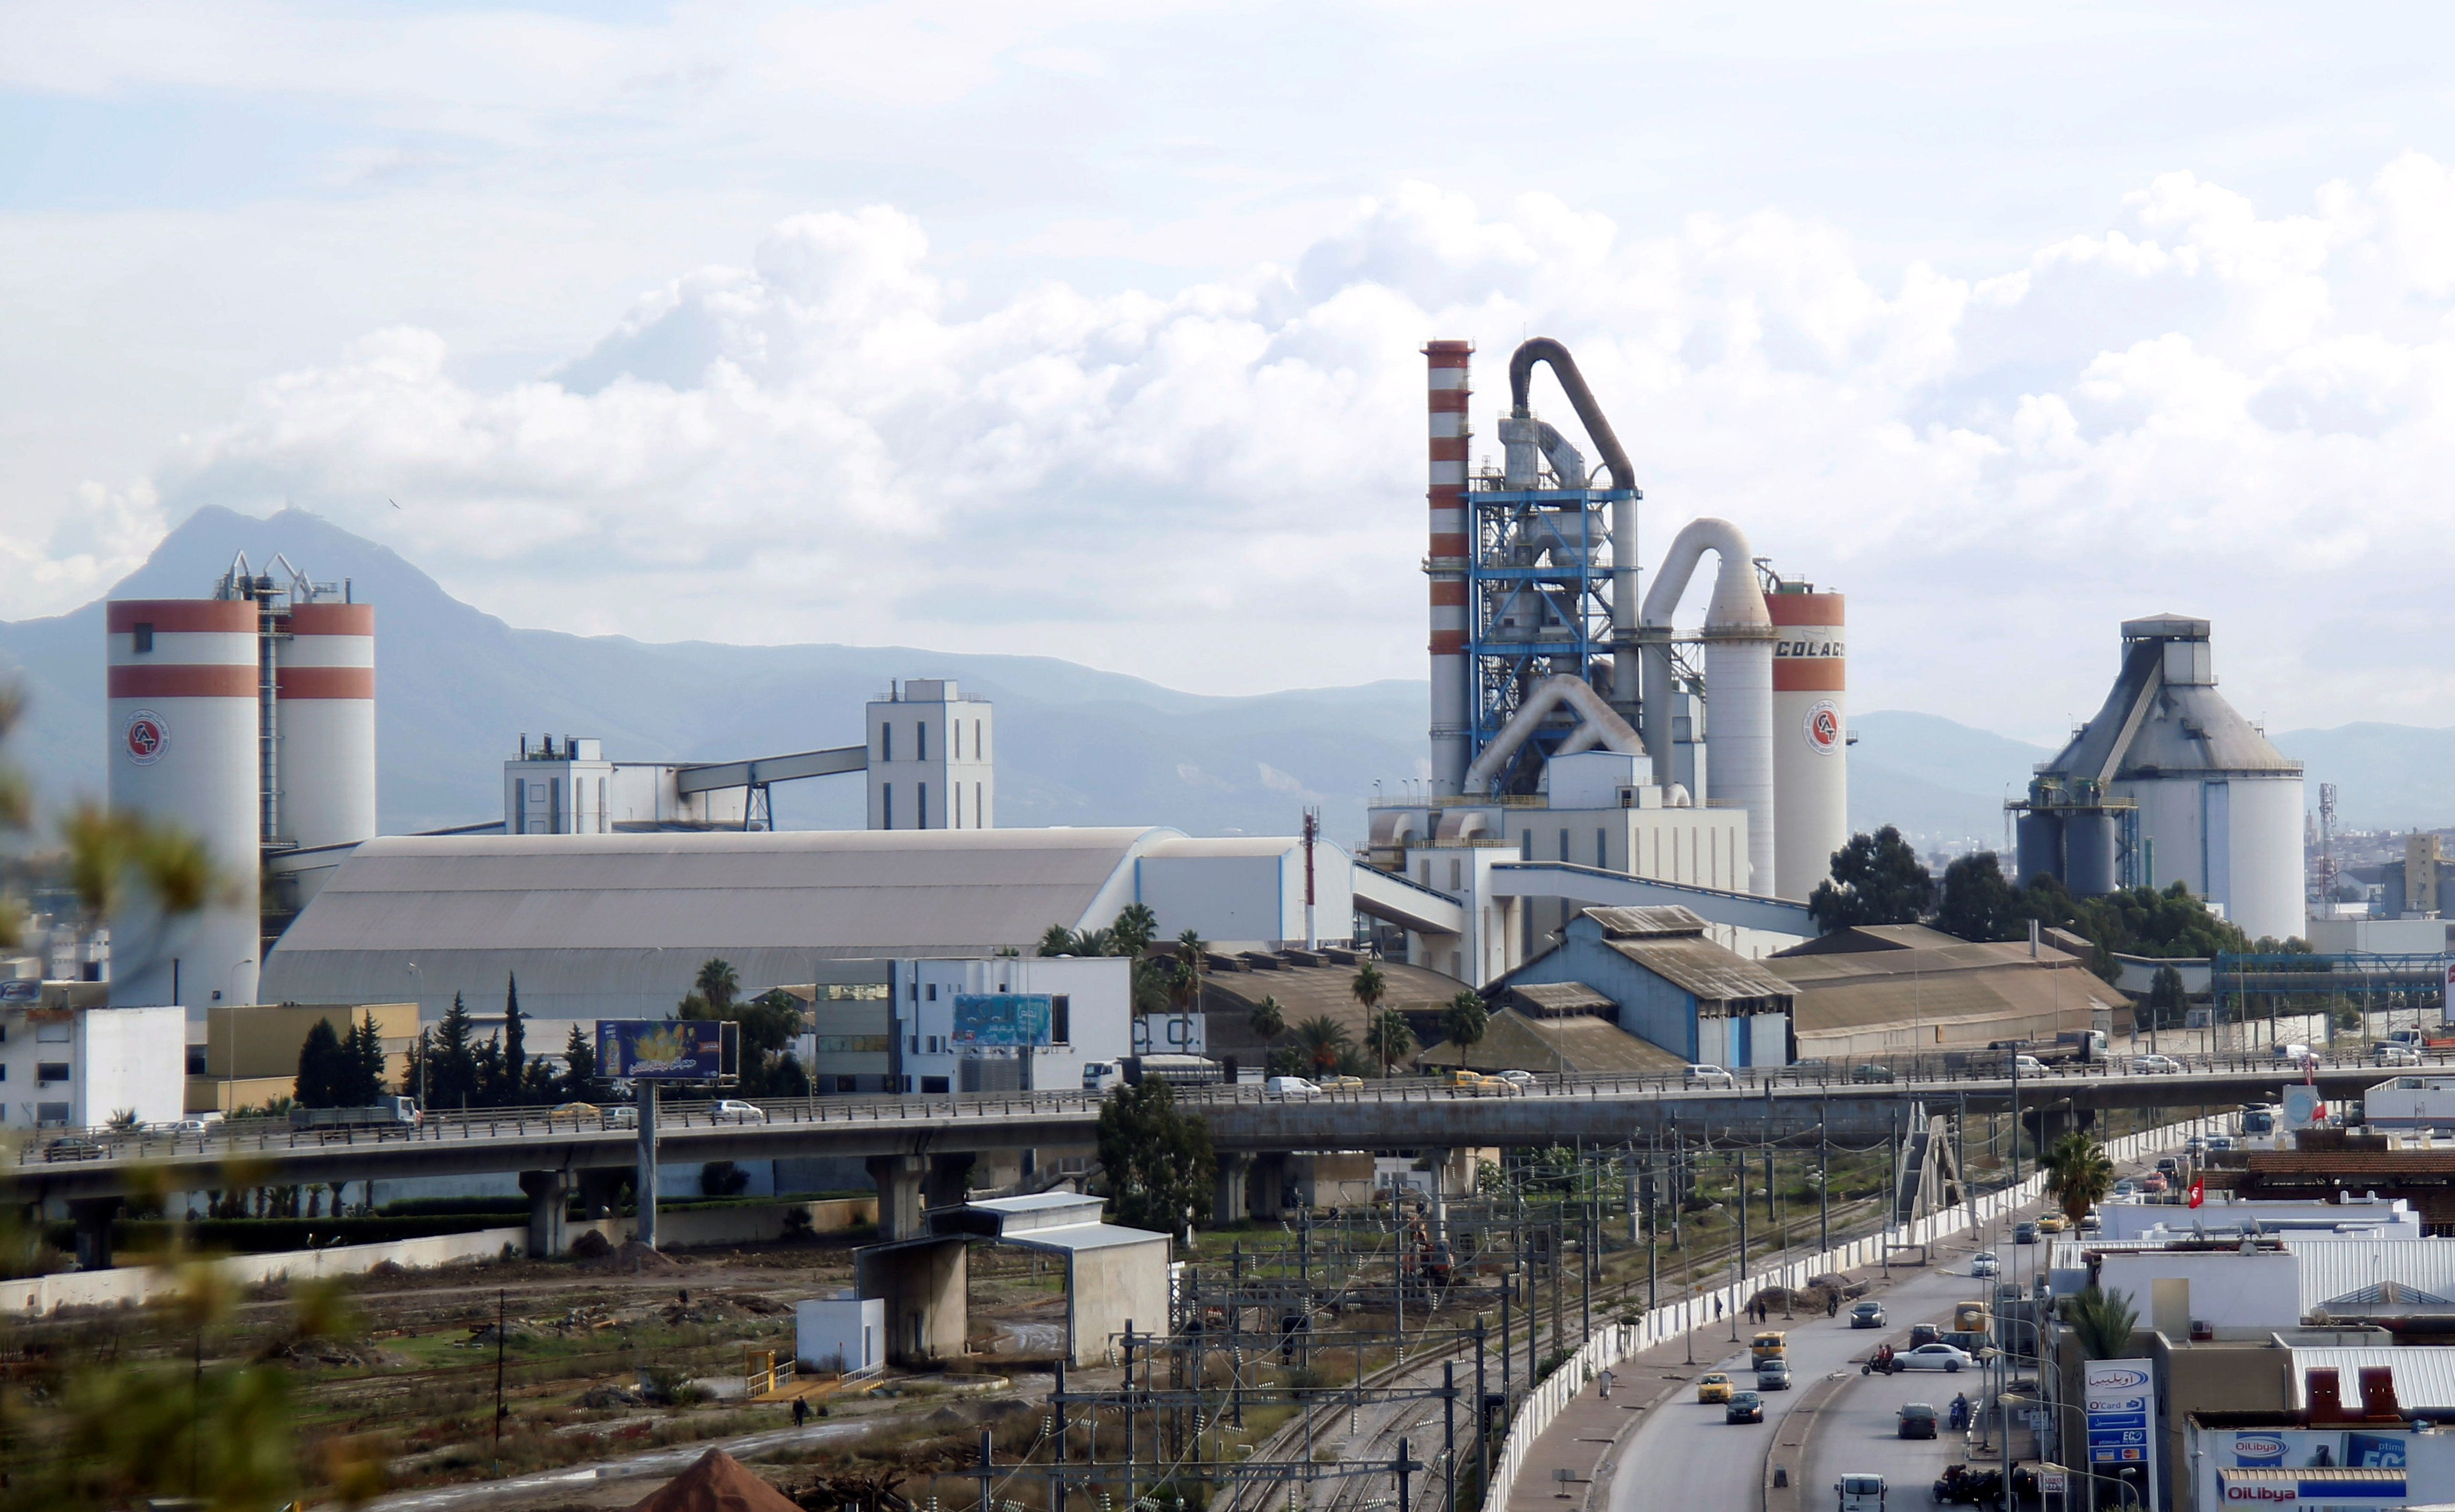 La Tunisie séduit de plus en plus les investisseurs européens selon ce reportage de France